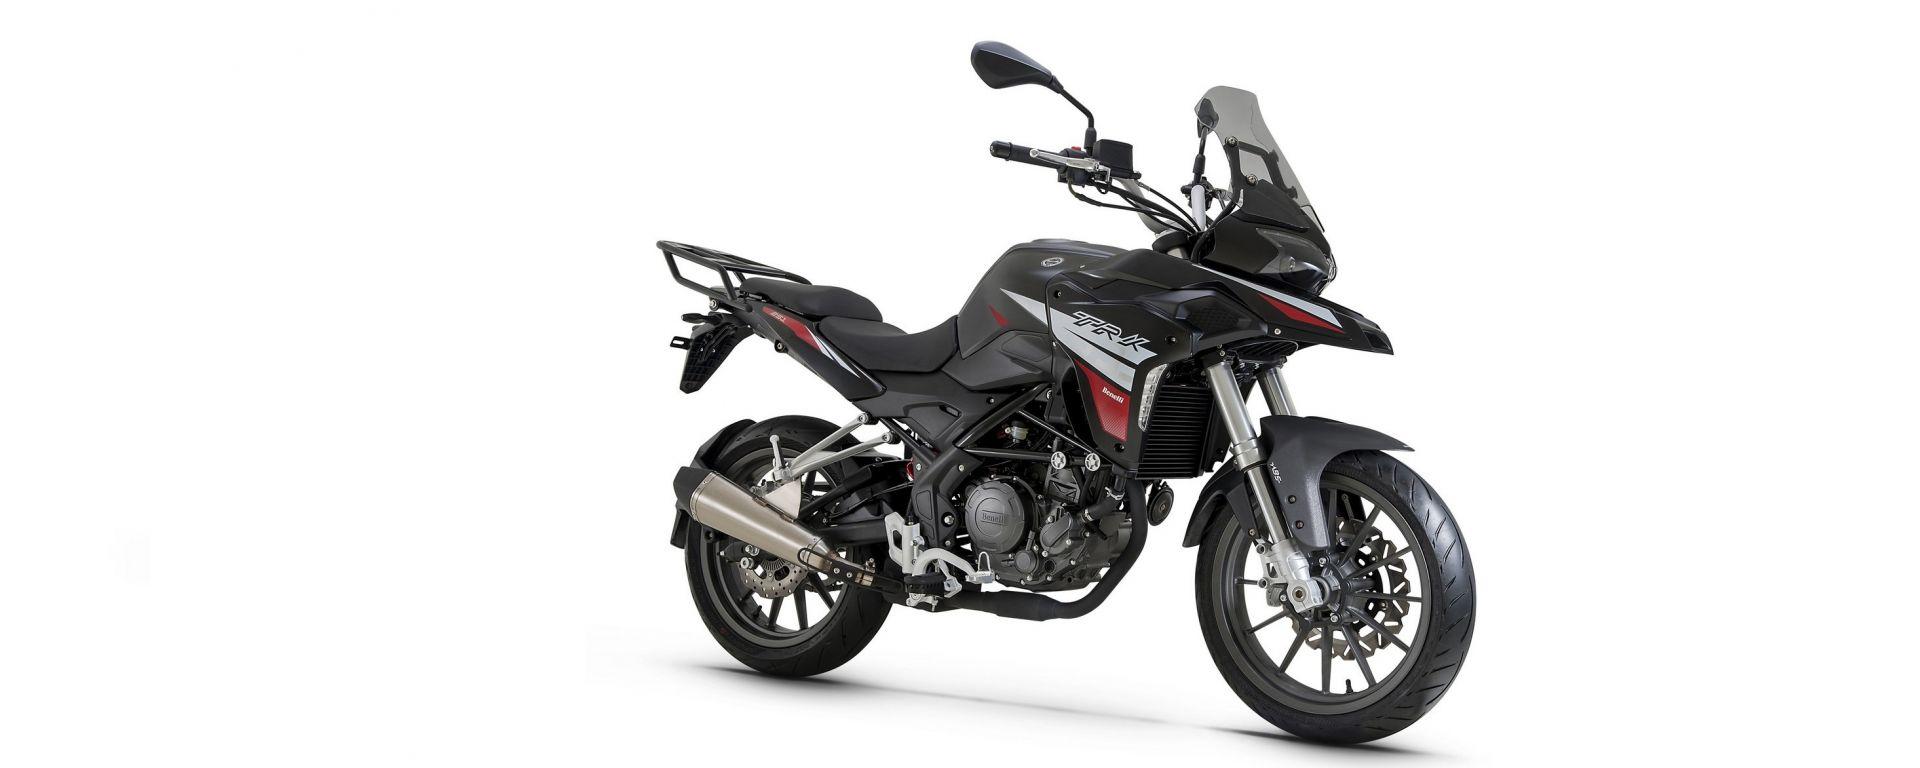 Benelli TRK 251: il motore è un monocilindrico da 250 cc